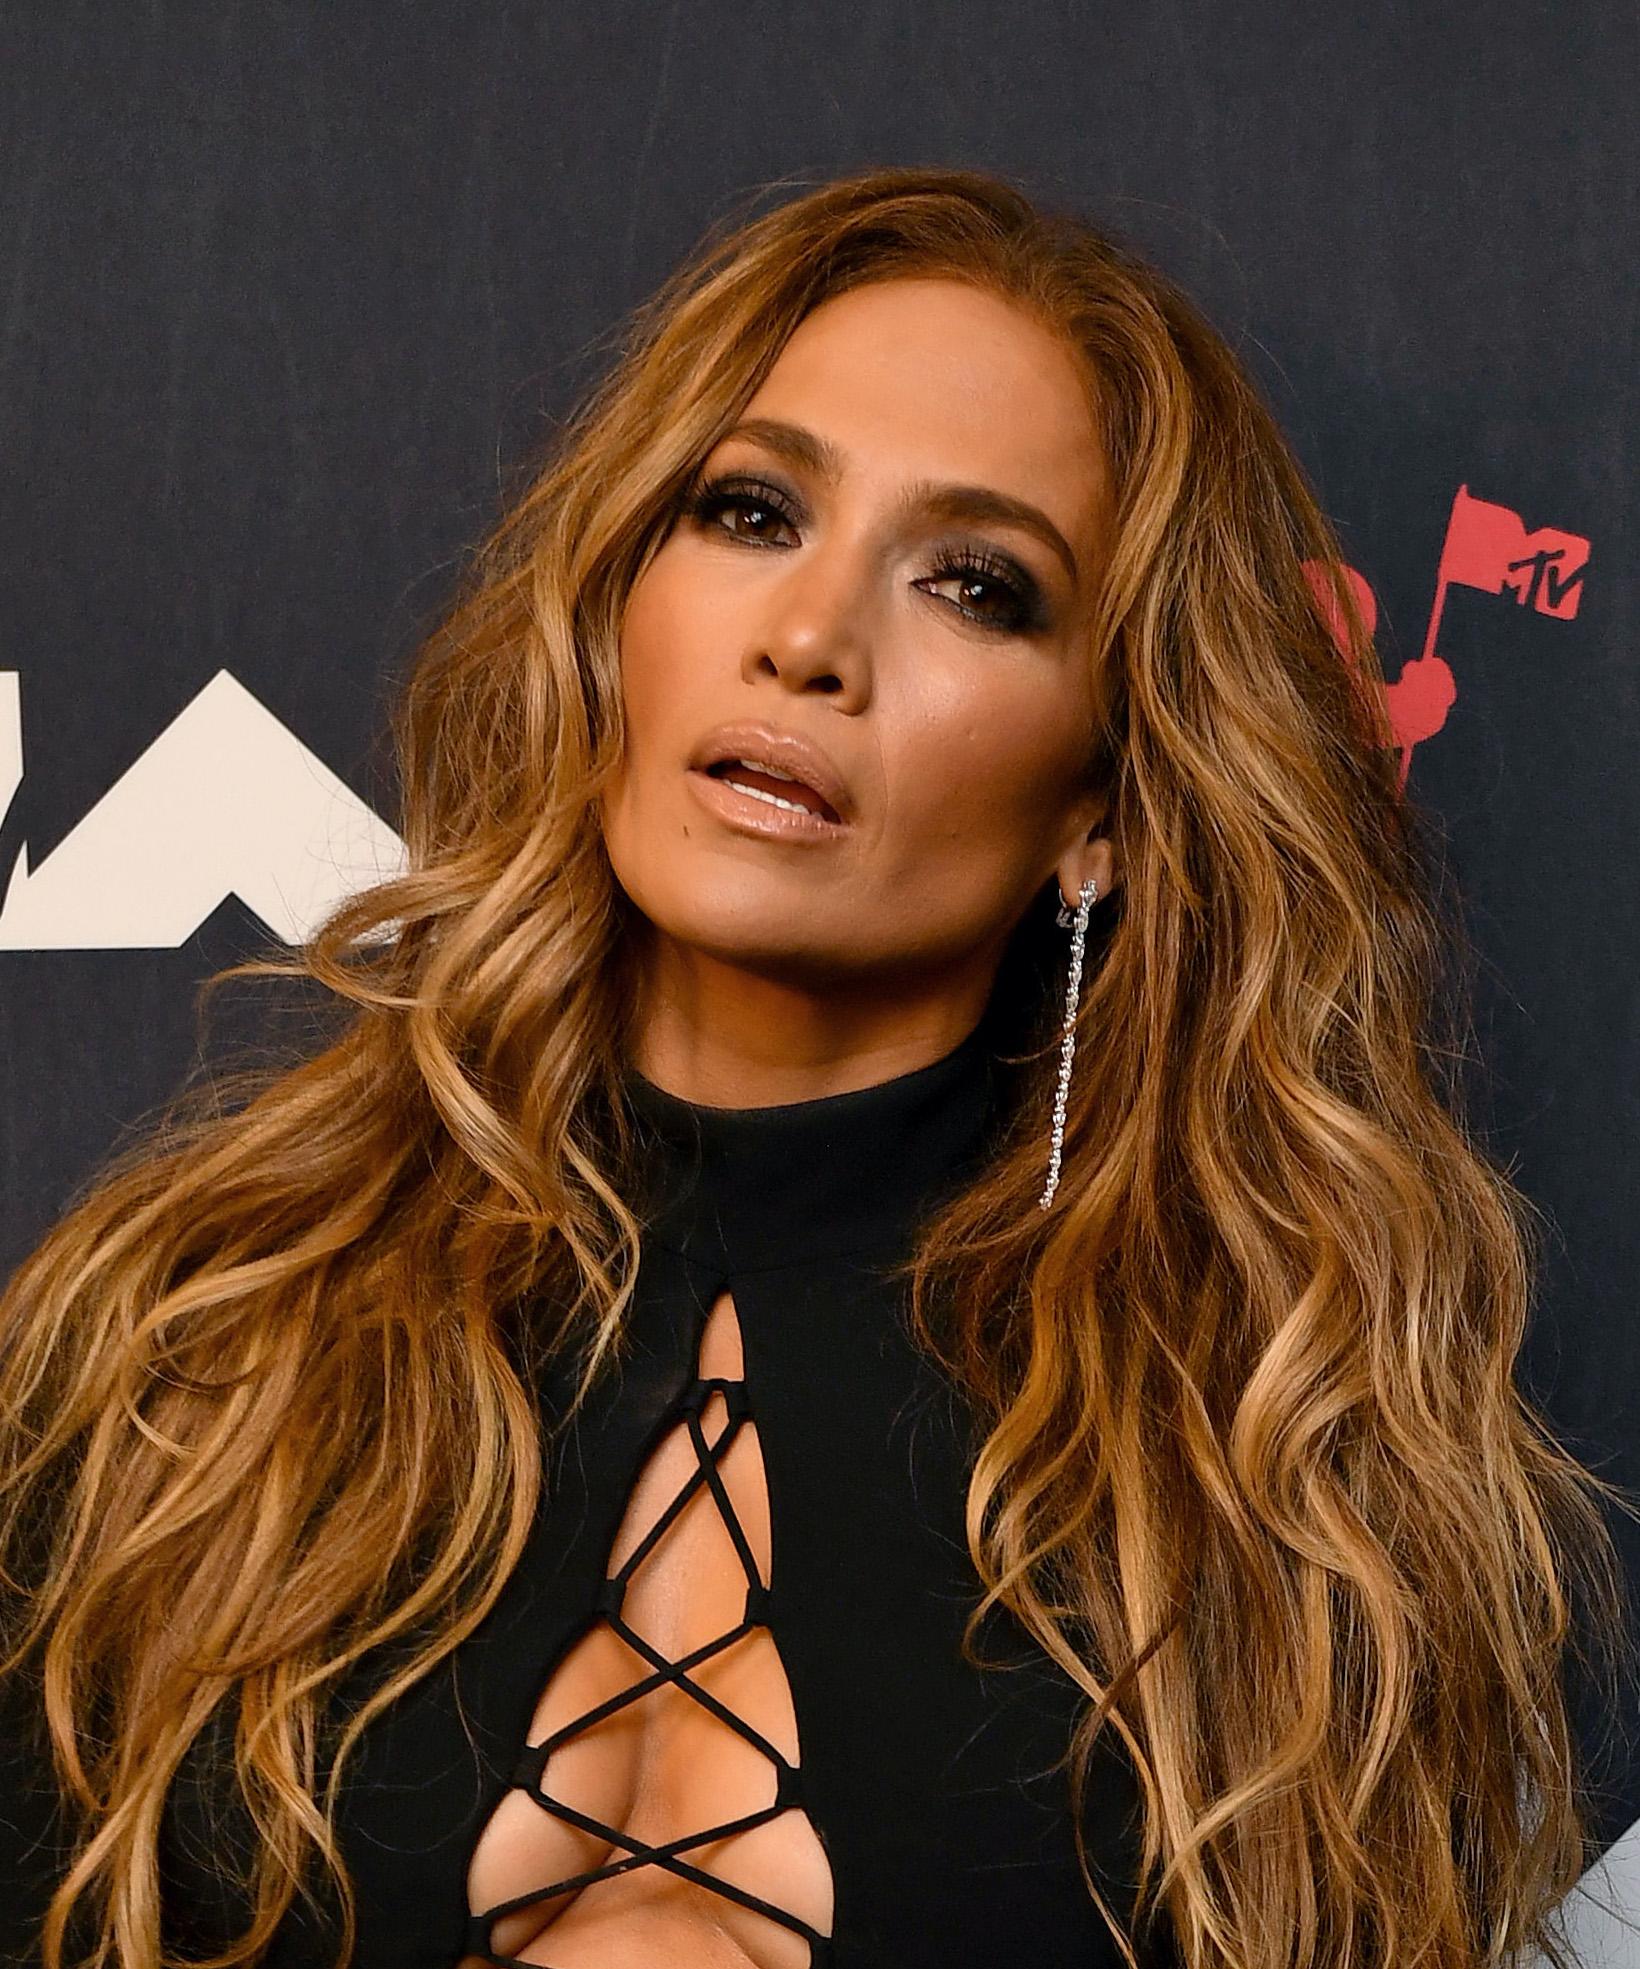 MTV VMA looks del belleza, J.Lo, Jennifer Lopez